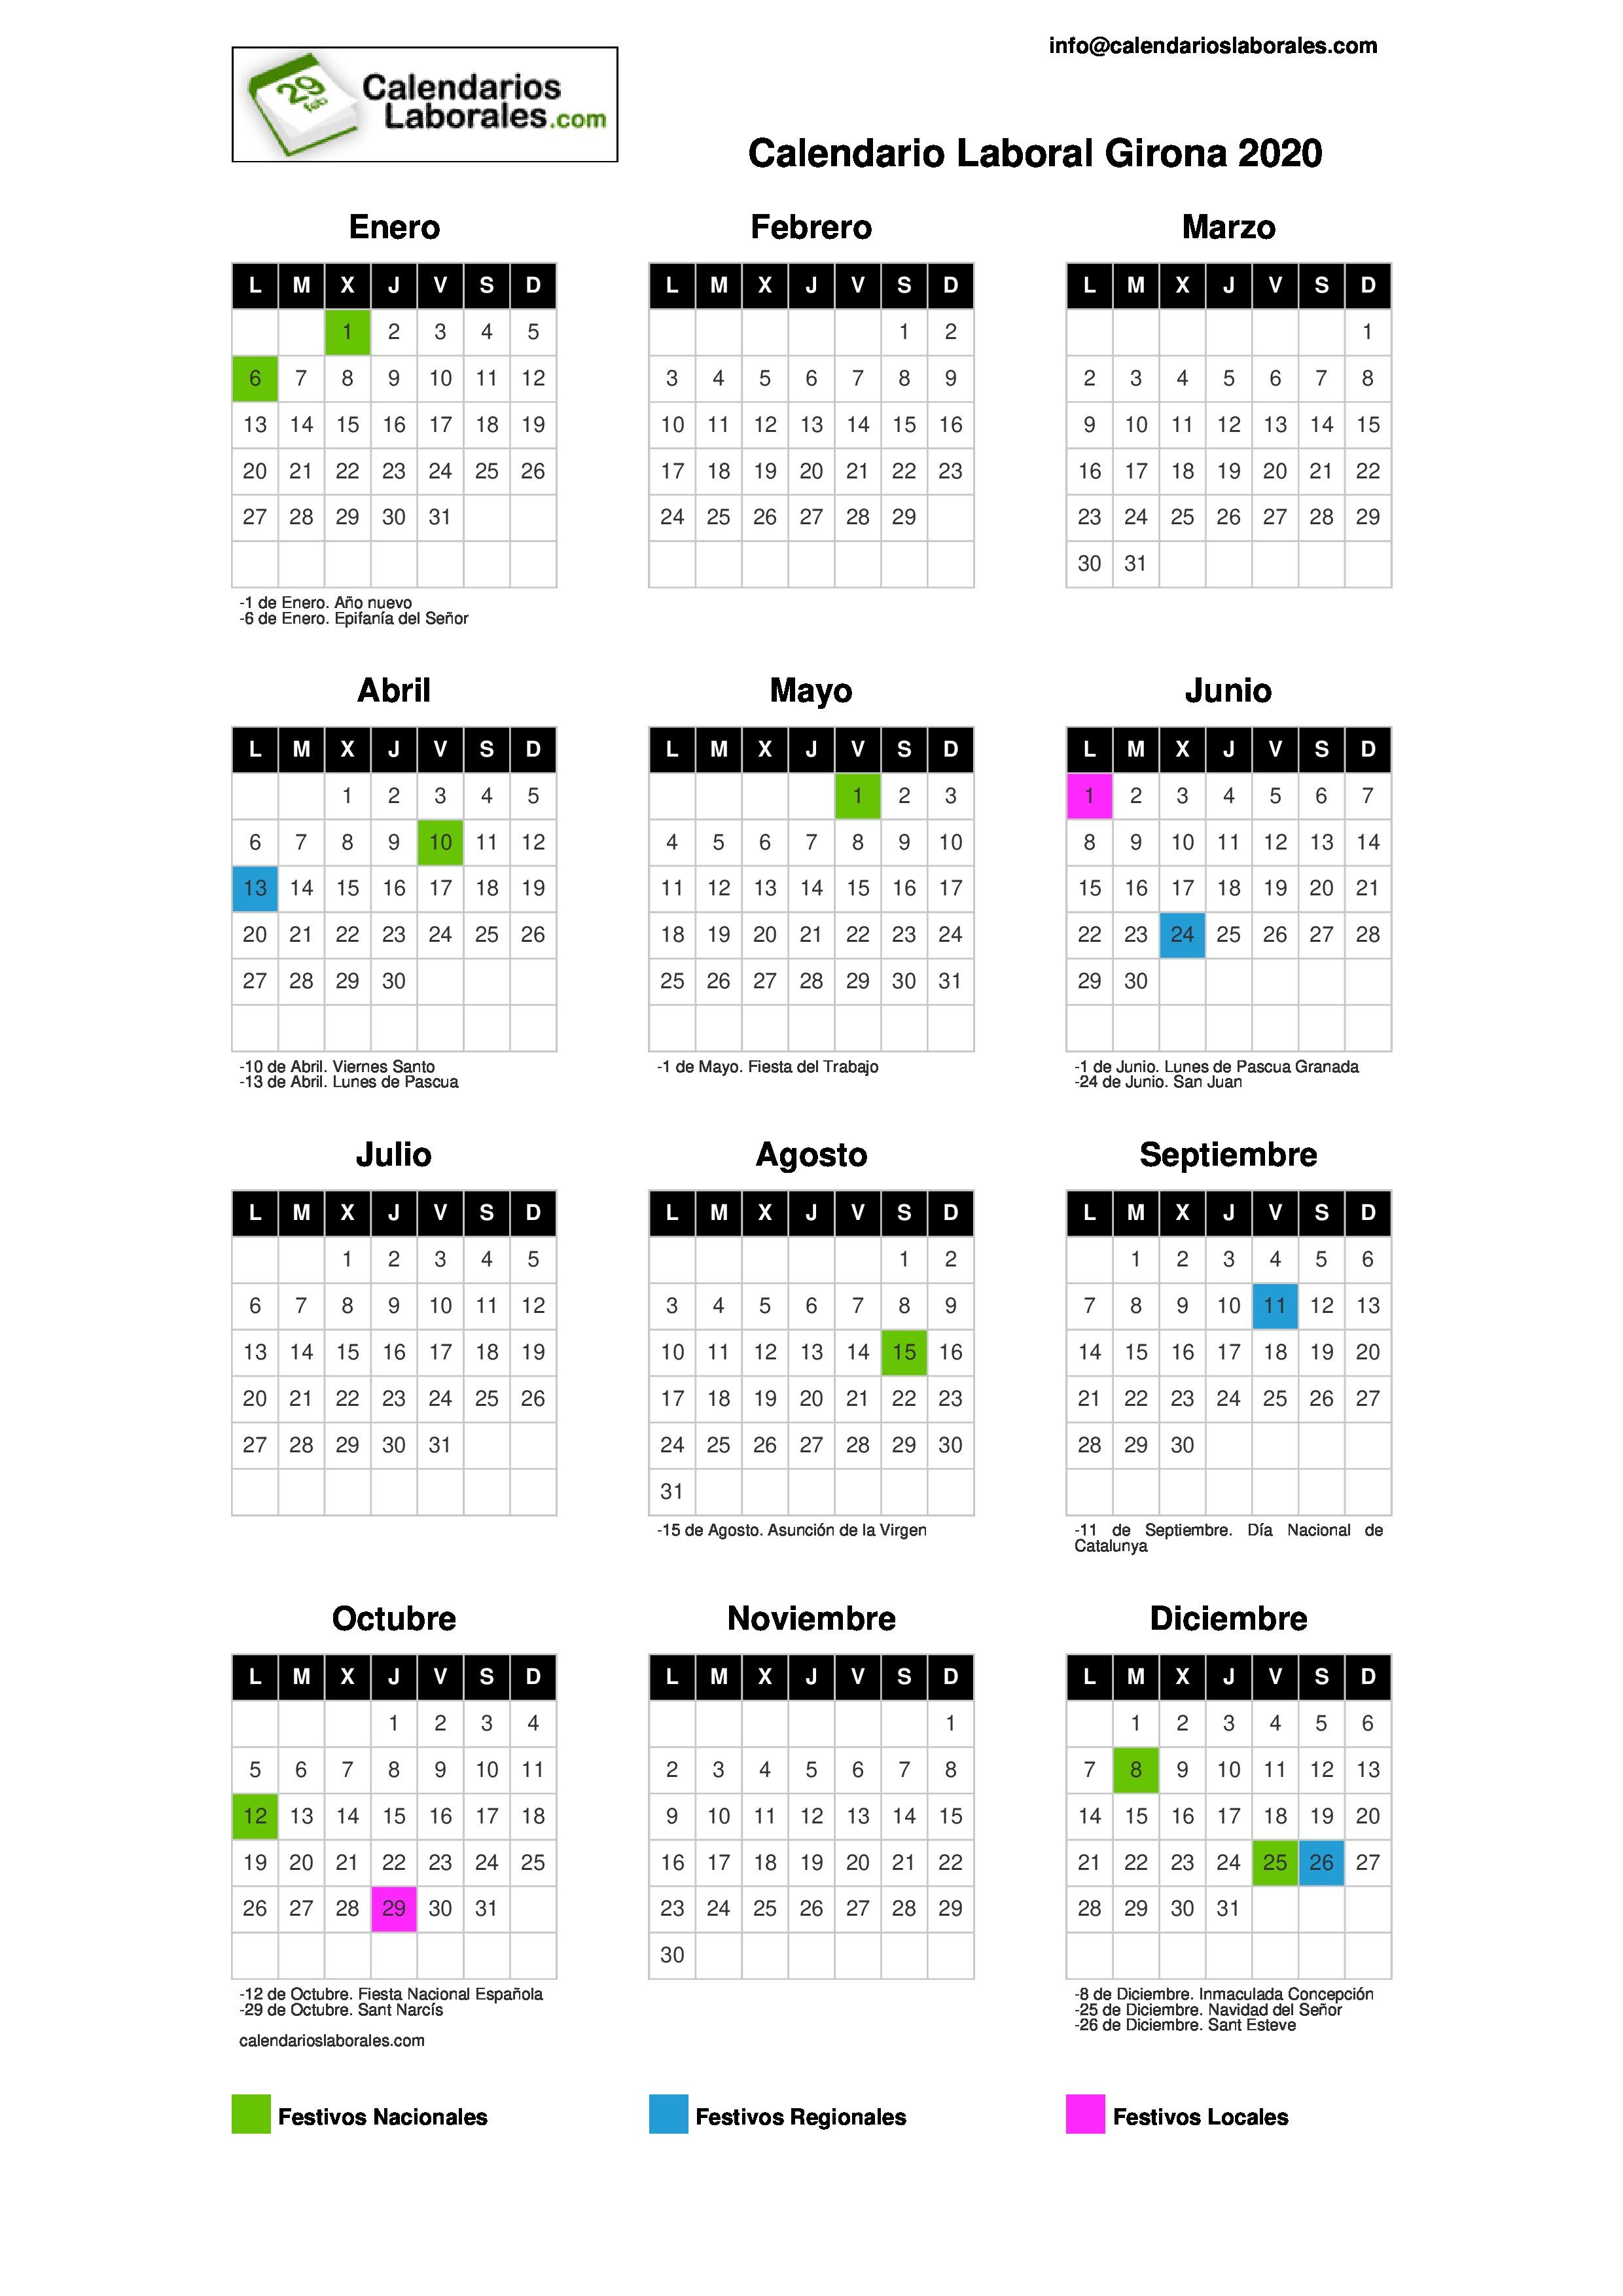 Calendario Laboral Ourense 2020.Calendario Laboral Girona 2020